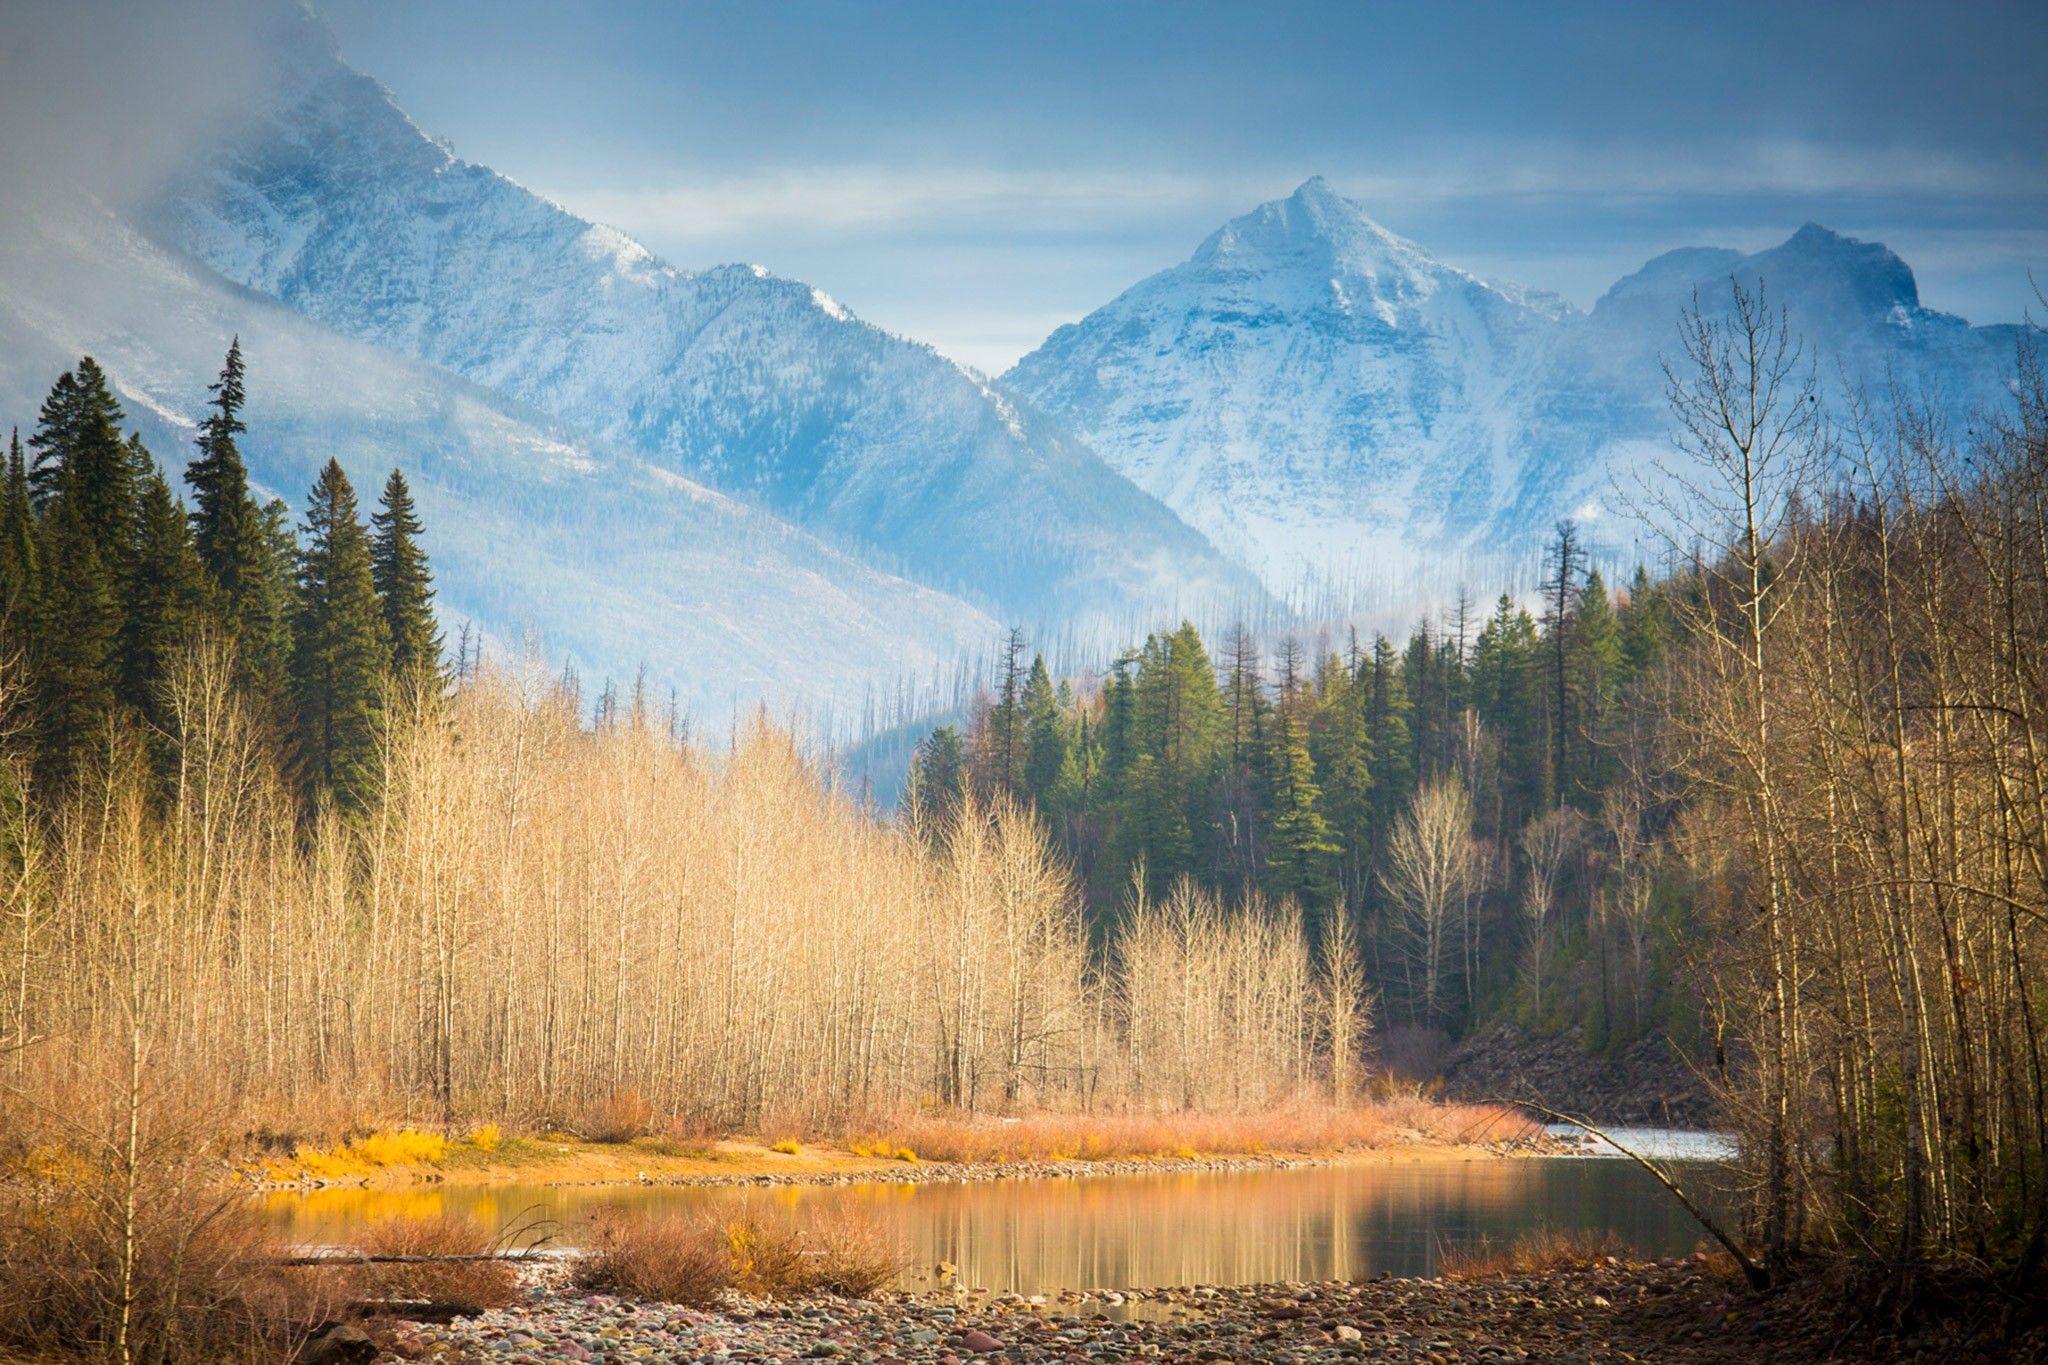 Découvrez 22 destinations emblématiques des États-Unis | National Geographic